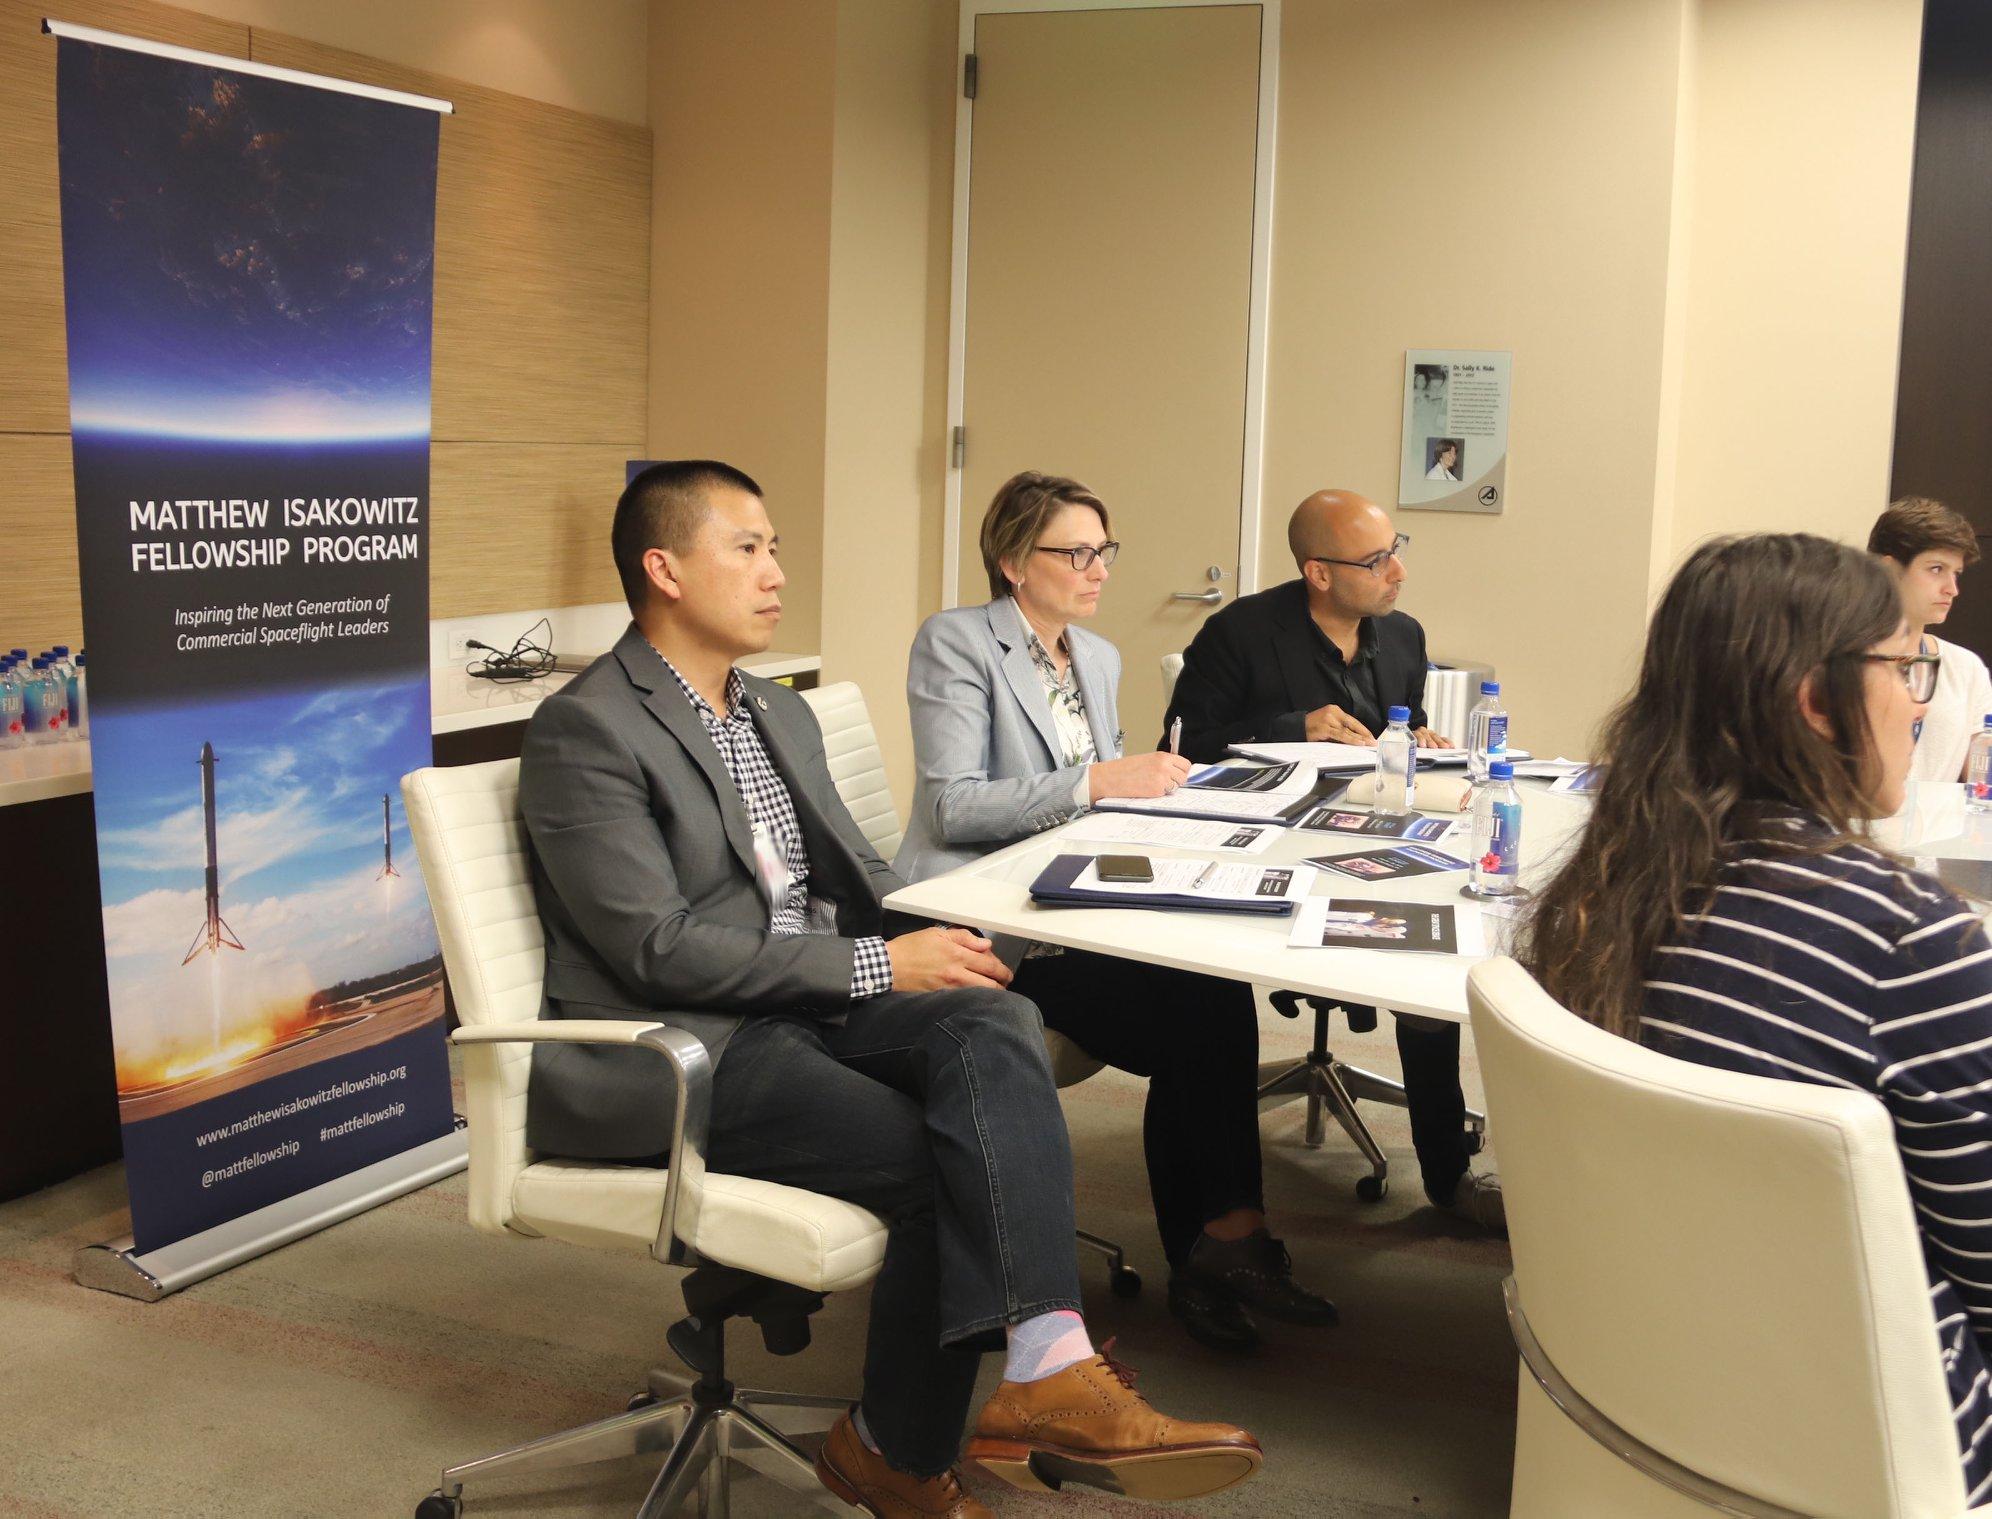 Judges of the 2019 Great Space Debate: Randy Villahermosa (Aerospace Corporation), Melanie Stricklan (Slingshot Aerospace), and Van Espahbodi (Starburst).